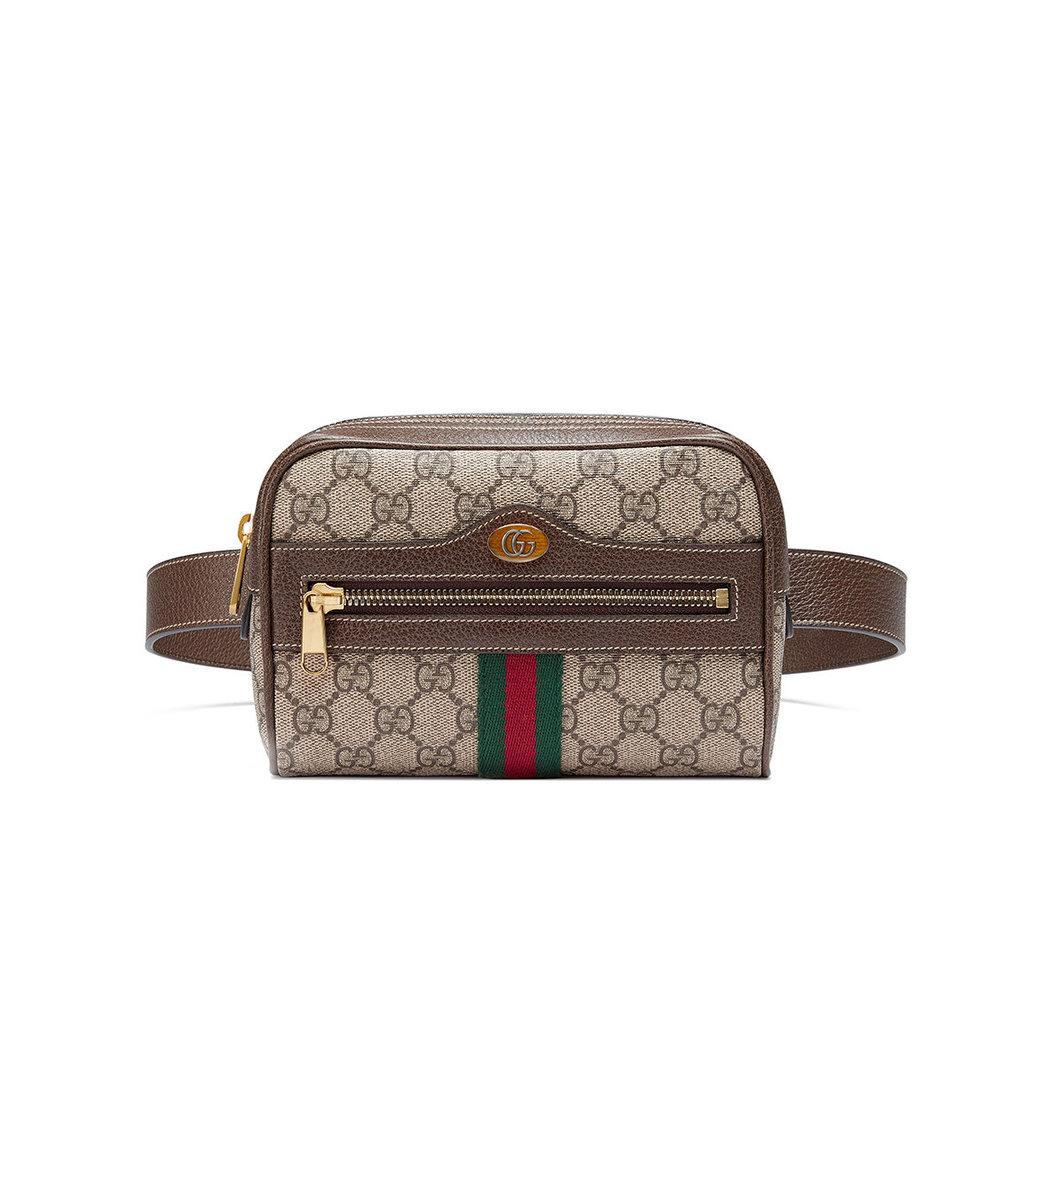 8e4e8742c4f2 Gucci Multicolor Ophidia Gg Supreme Small Belt Bag In 8745 Brown ...